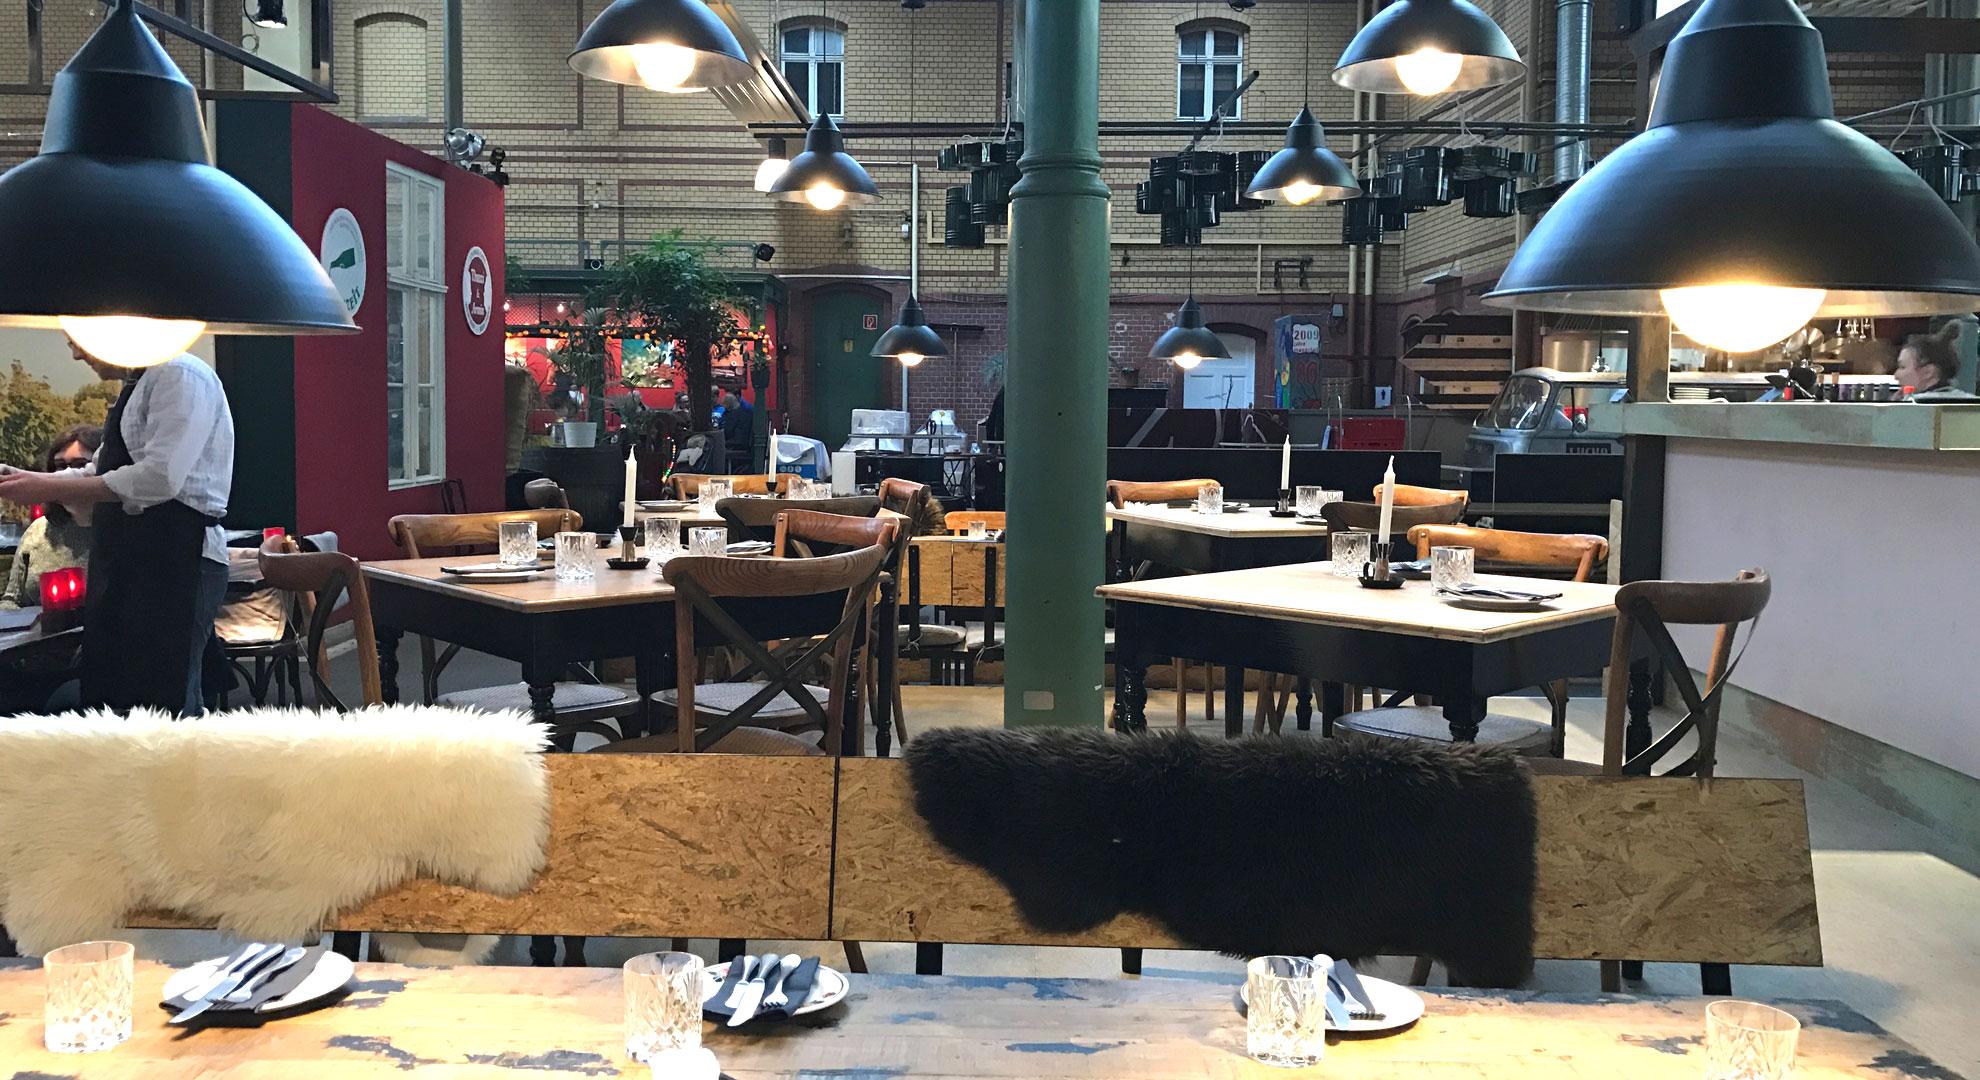 Flanieren in der MArkthalle Moabit in Berlin | www.dearlicious.com